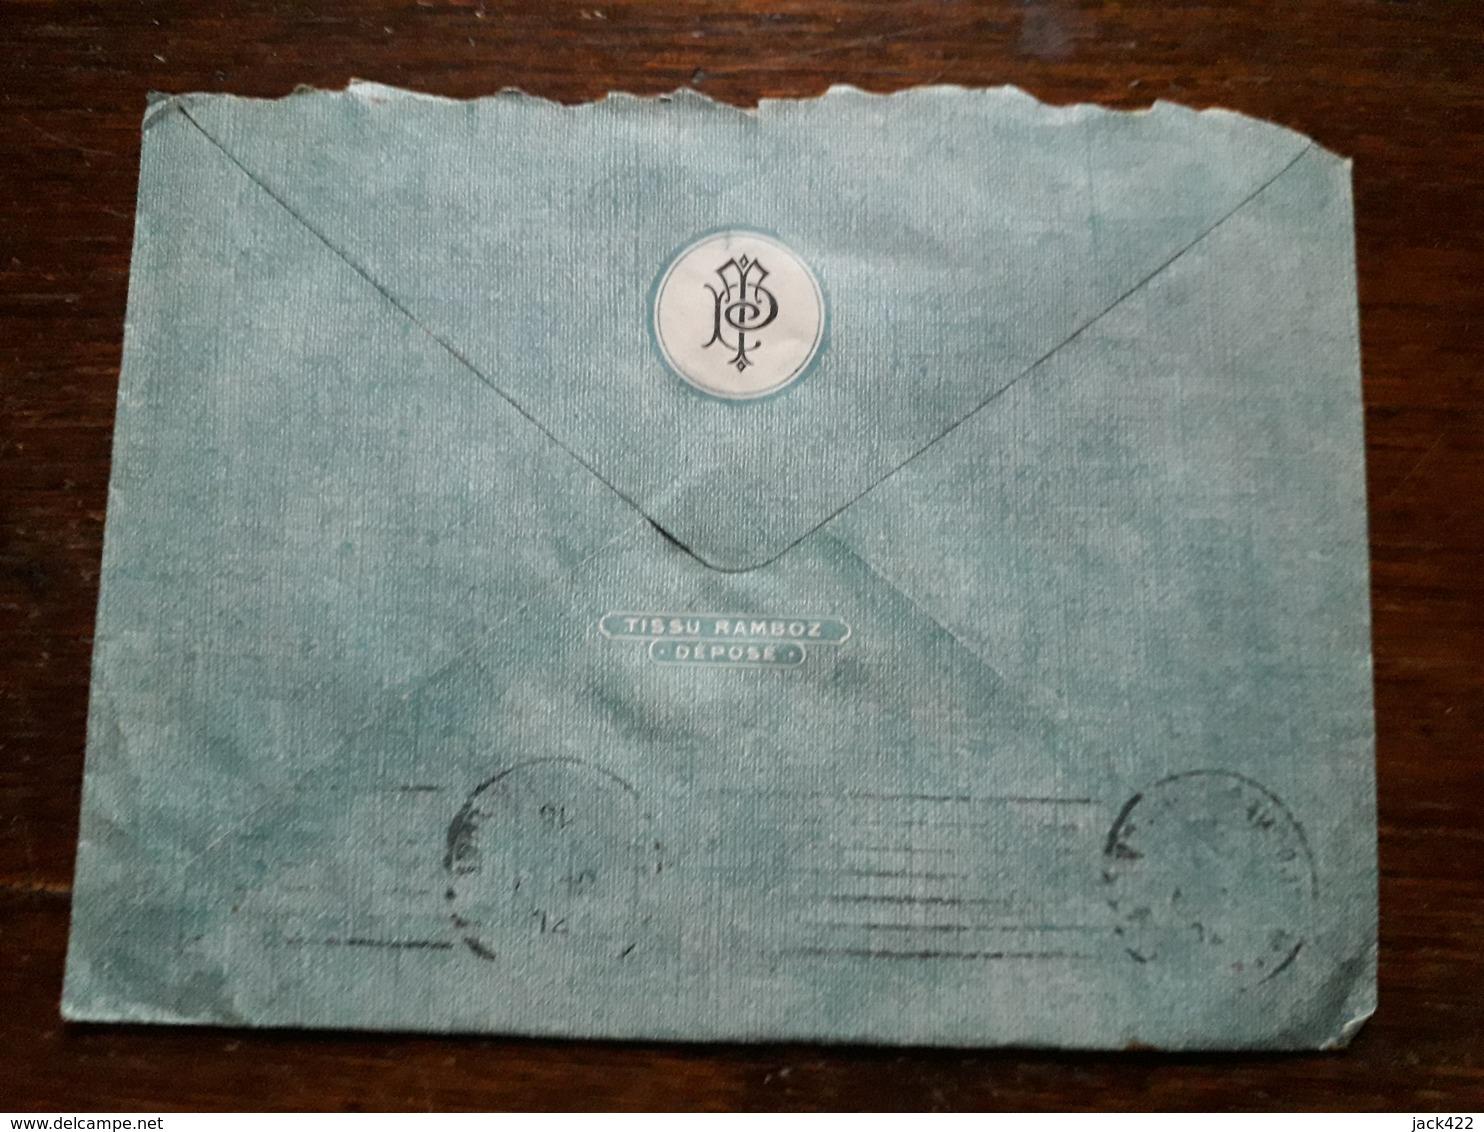 L19/255 Enveloppe Publicitaire. Aubusson. Tapis Et Tapisseries D'Aubusson.Leon Tabard Et Albert Pruneau - Old Professions